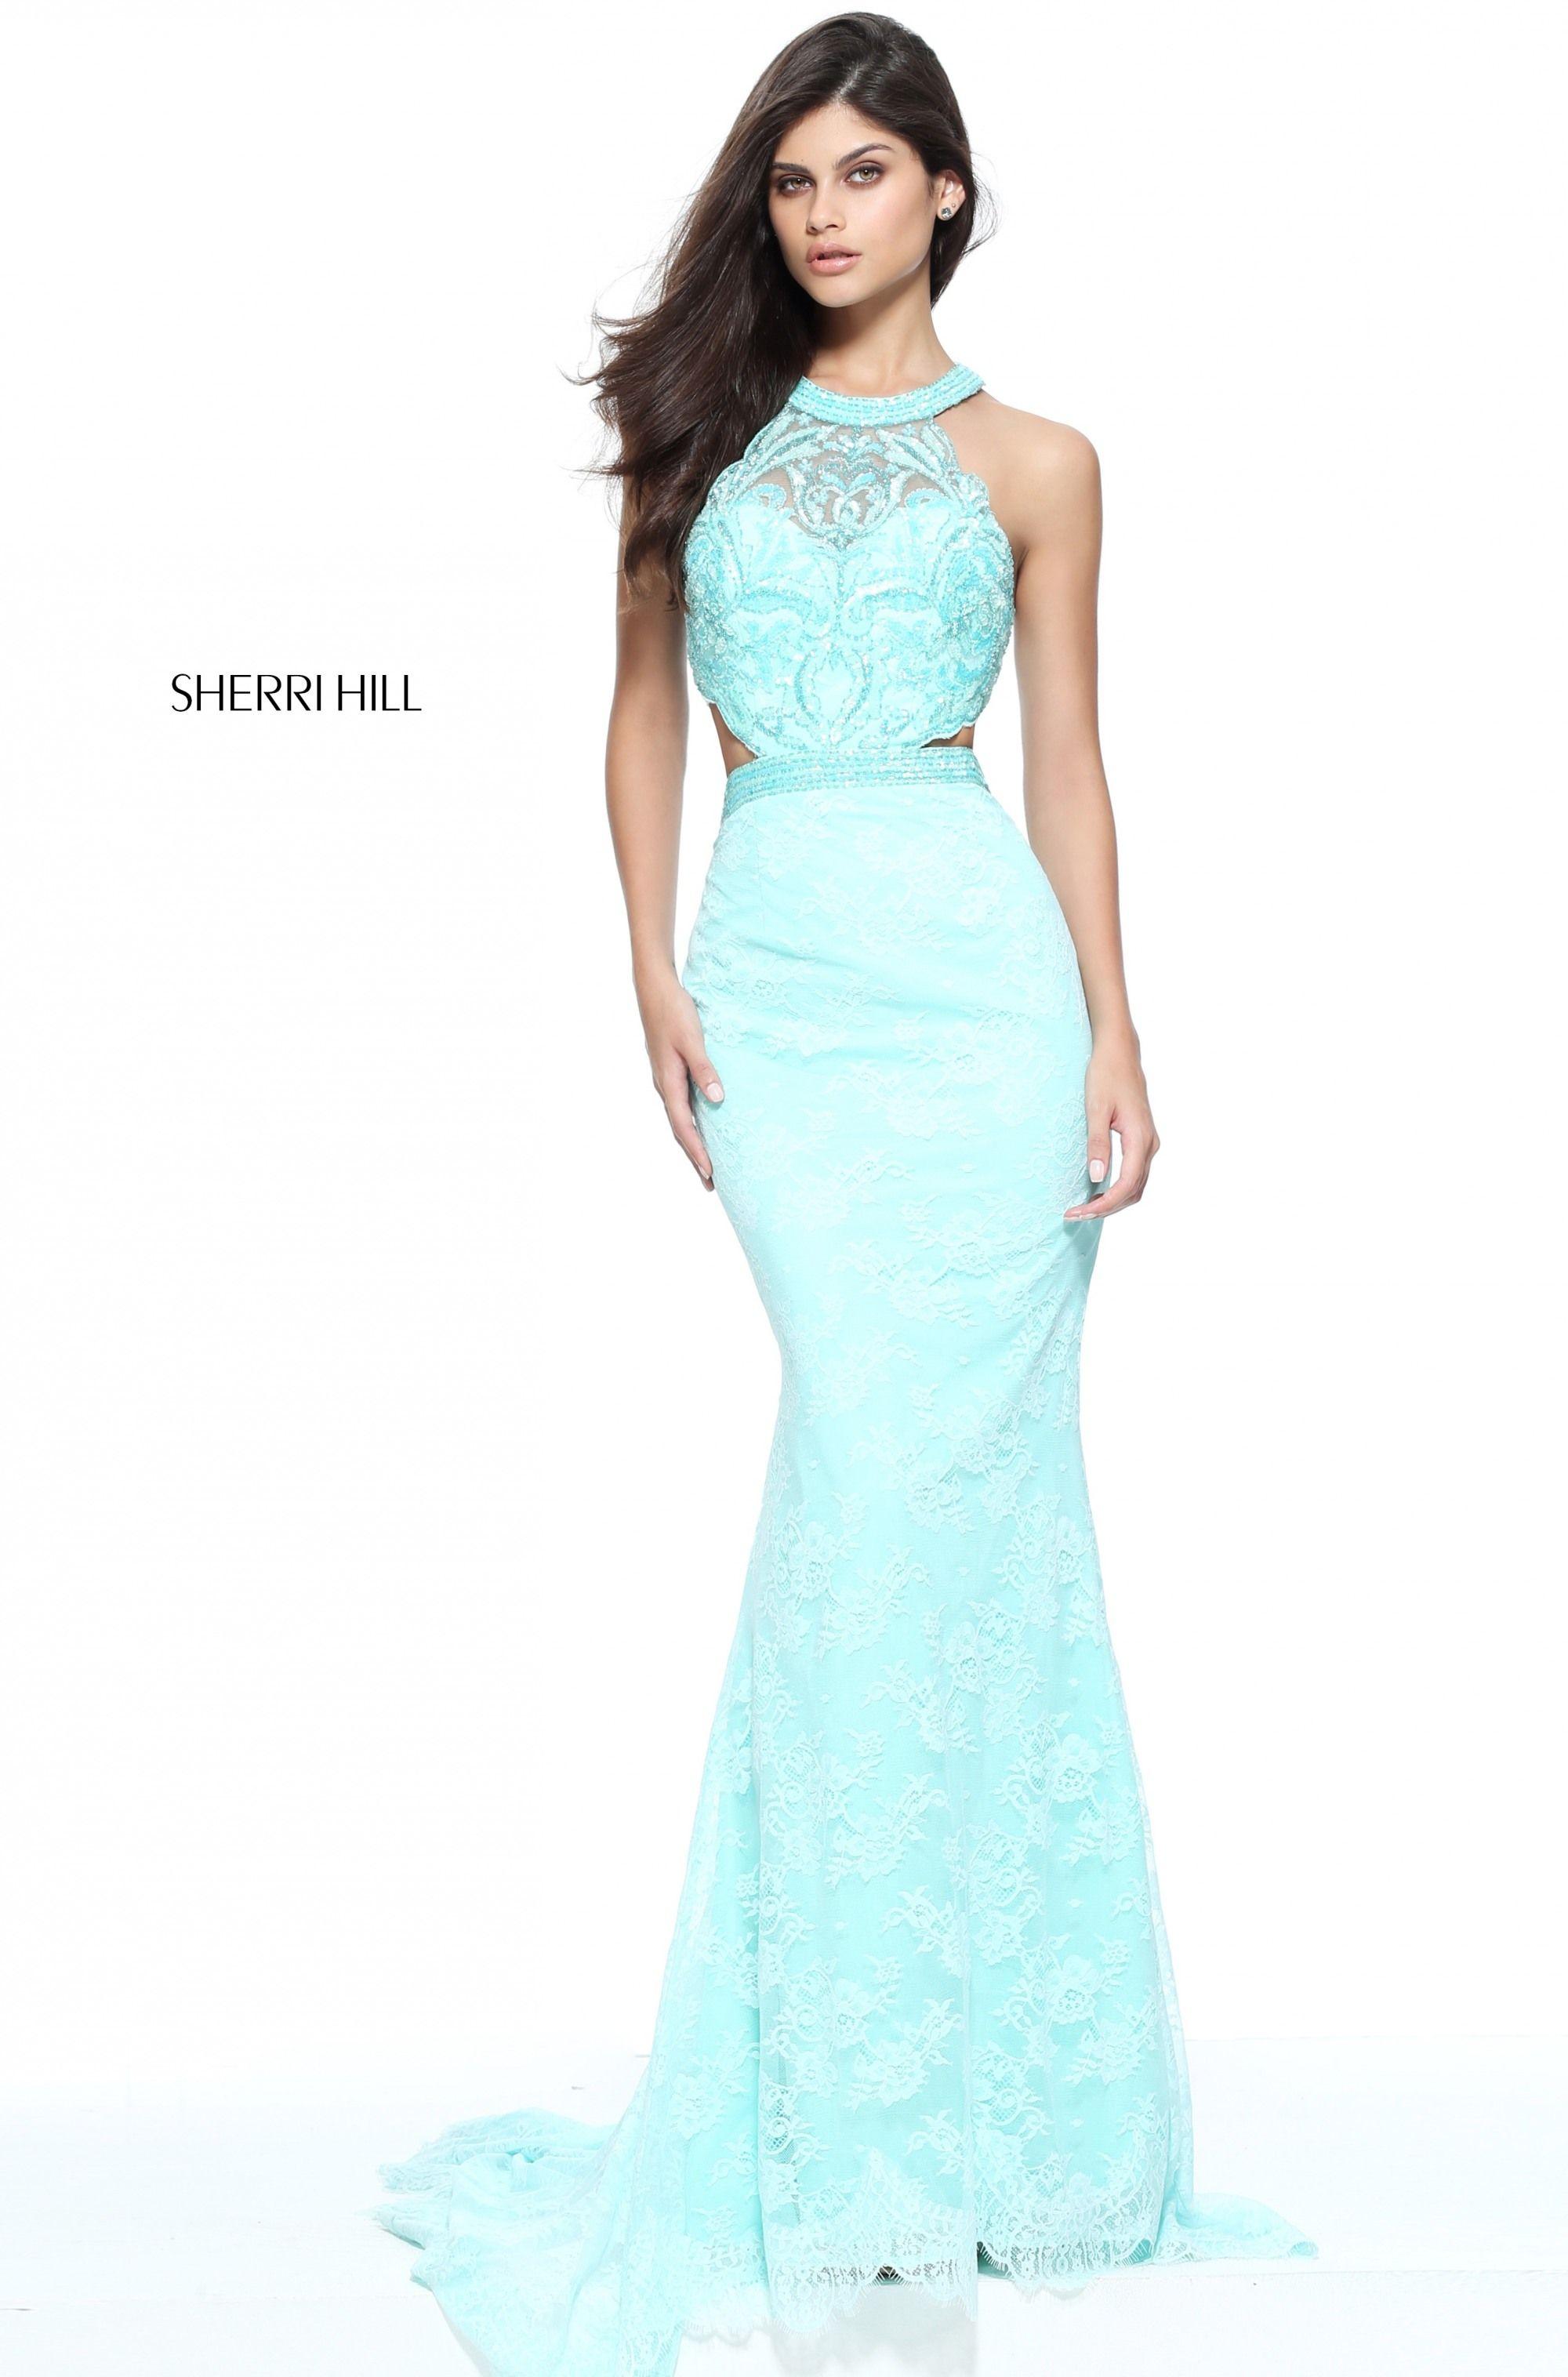 Sherri Hill 51095 - International Prom Association   Sherri Hill ...